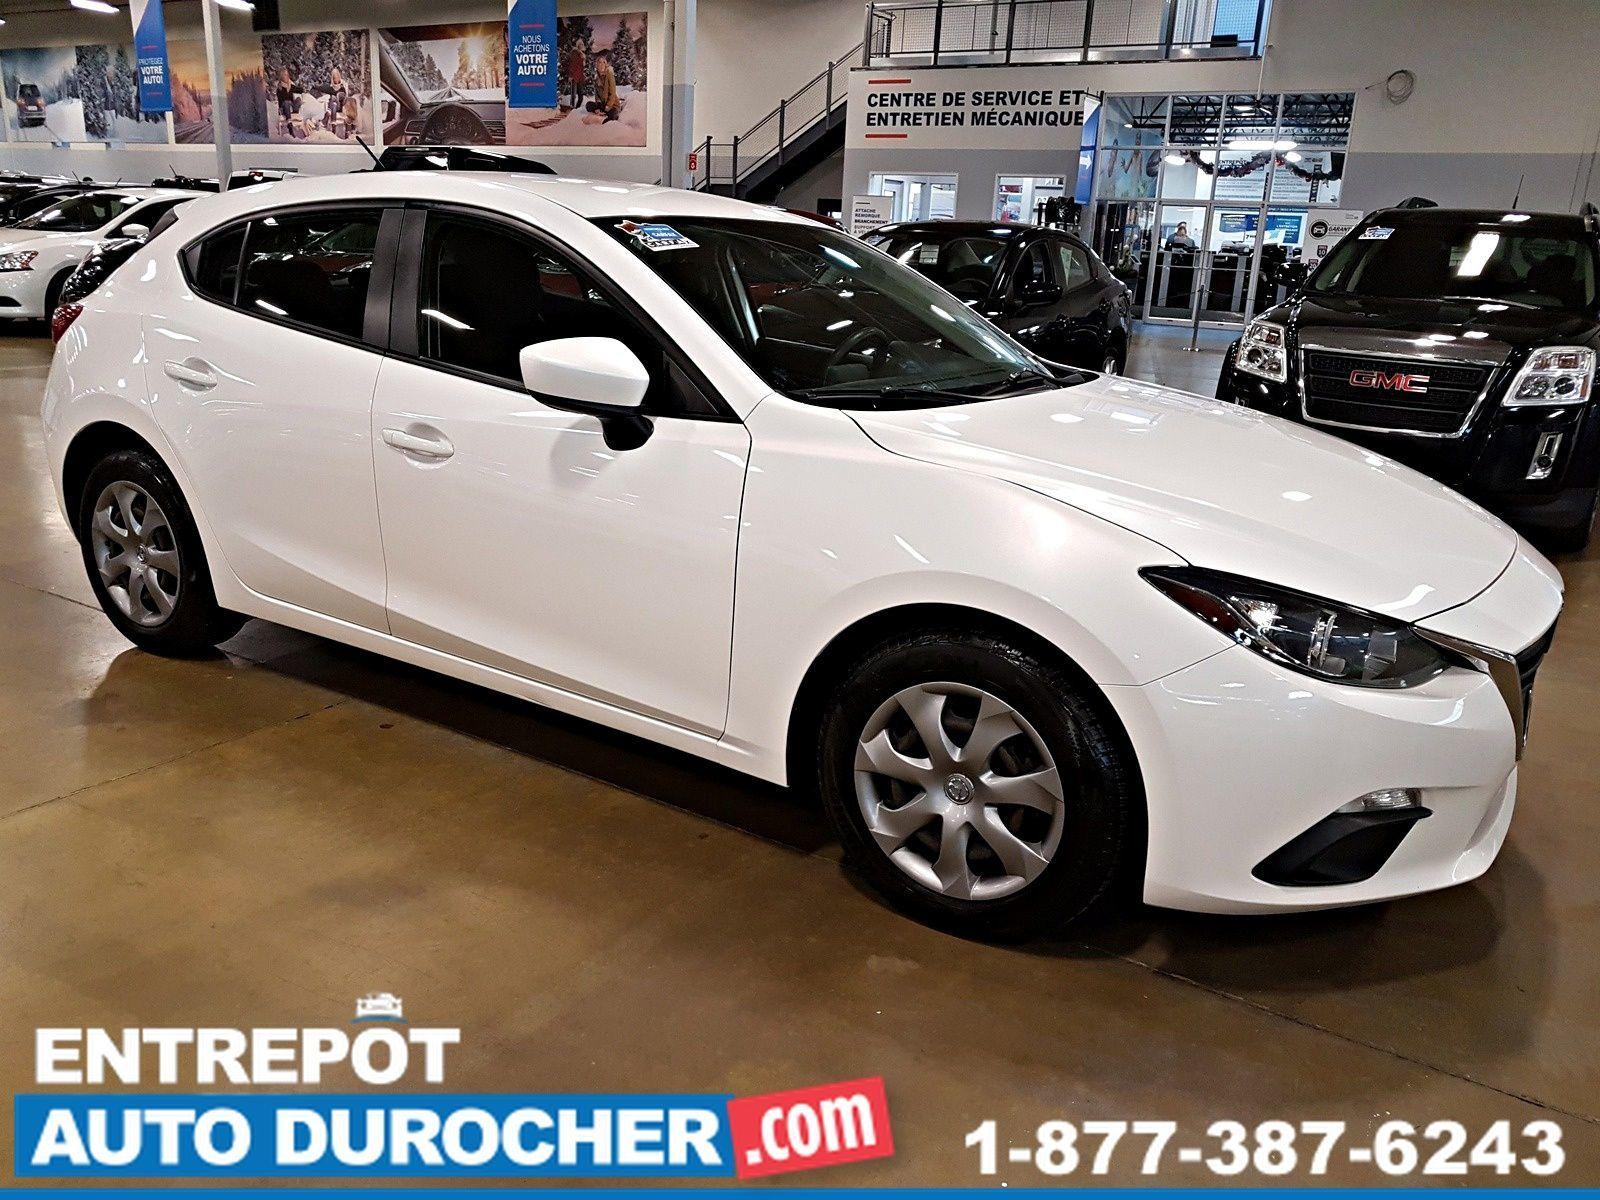 2014 Mazda Mazda3 GX - AIR CLIMATISÉ - Groupe Électrique